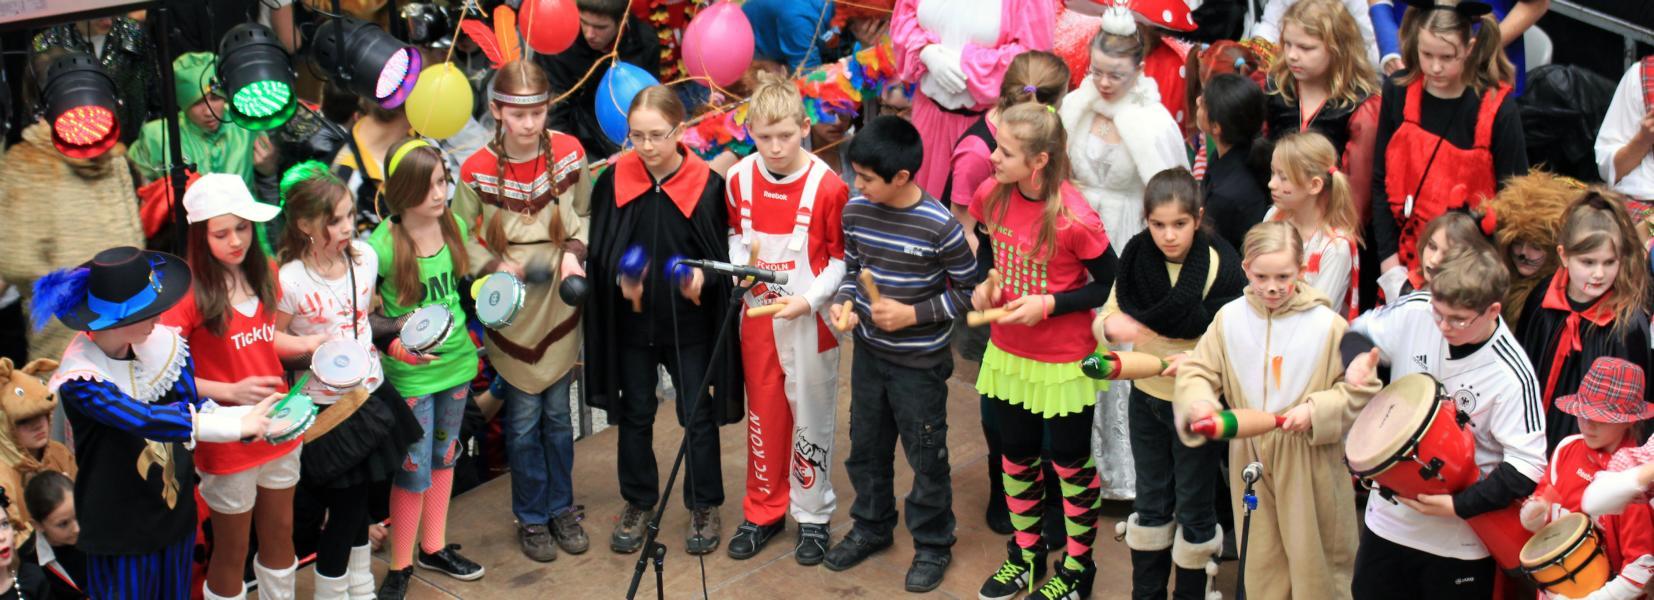 Karneval 2012 (7)